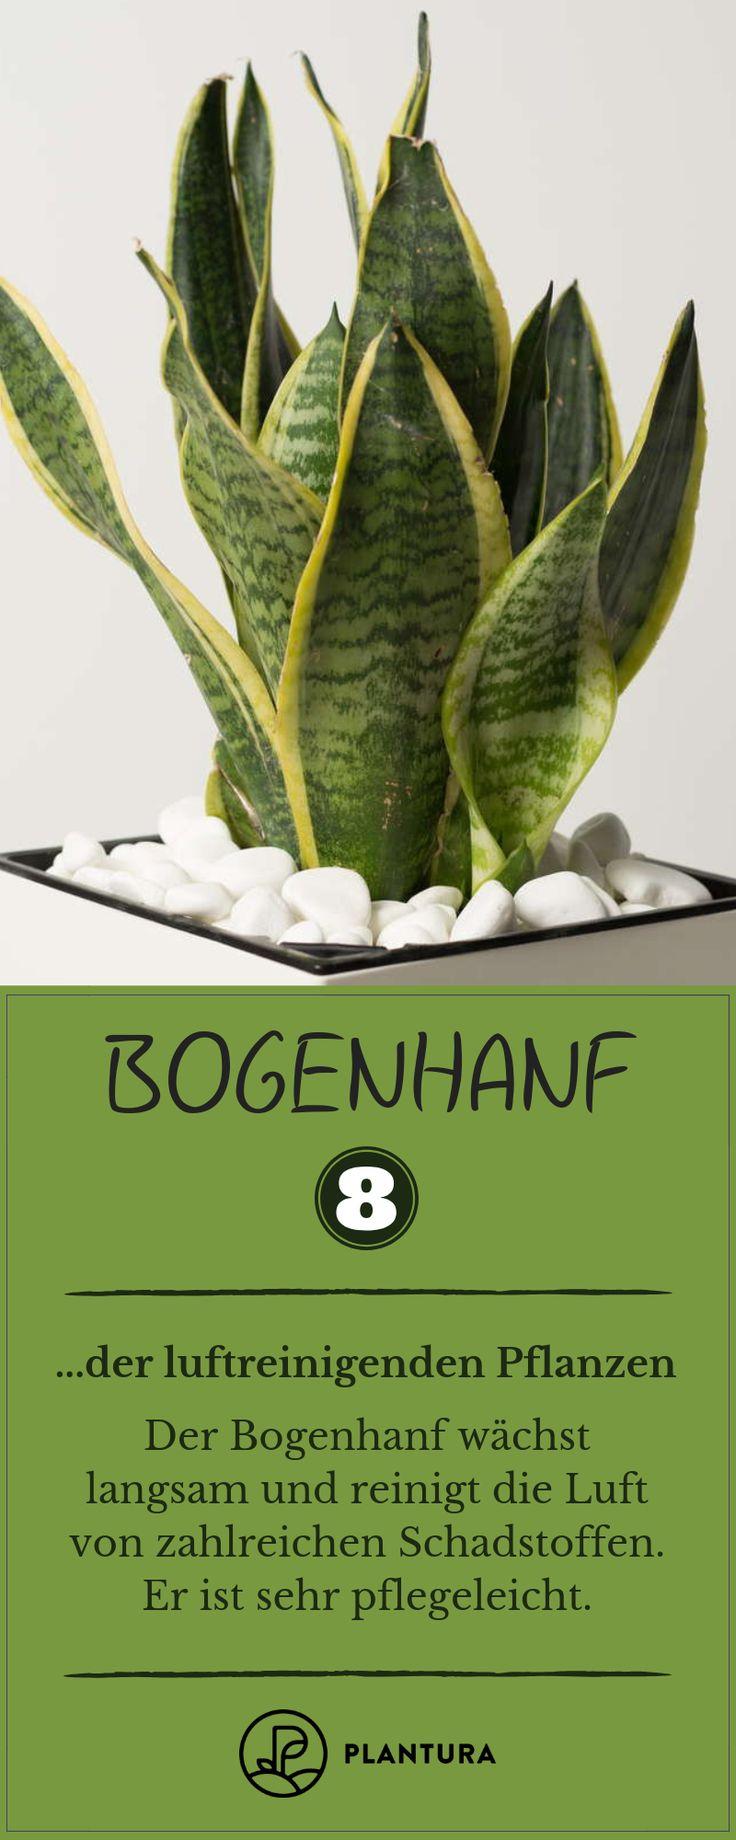 Luftreinigende Pflanzen: Die Top 10 – Plantura | Garten Ideen & Tipps | Gemüse, Obst, Kräuter